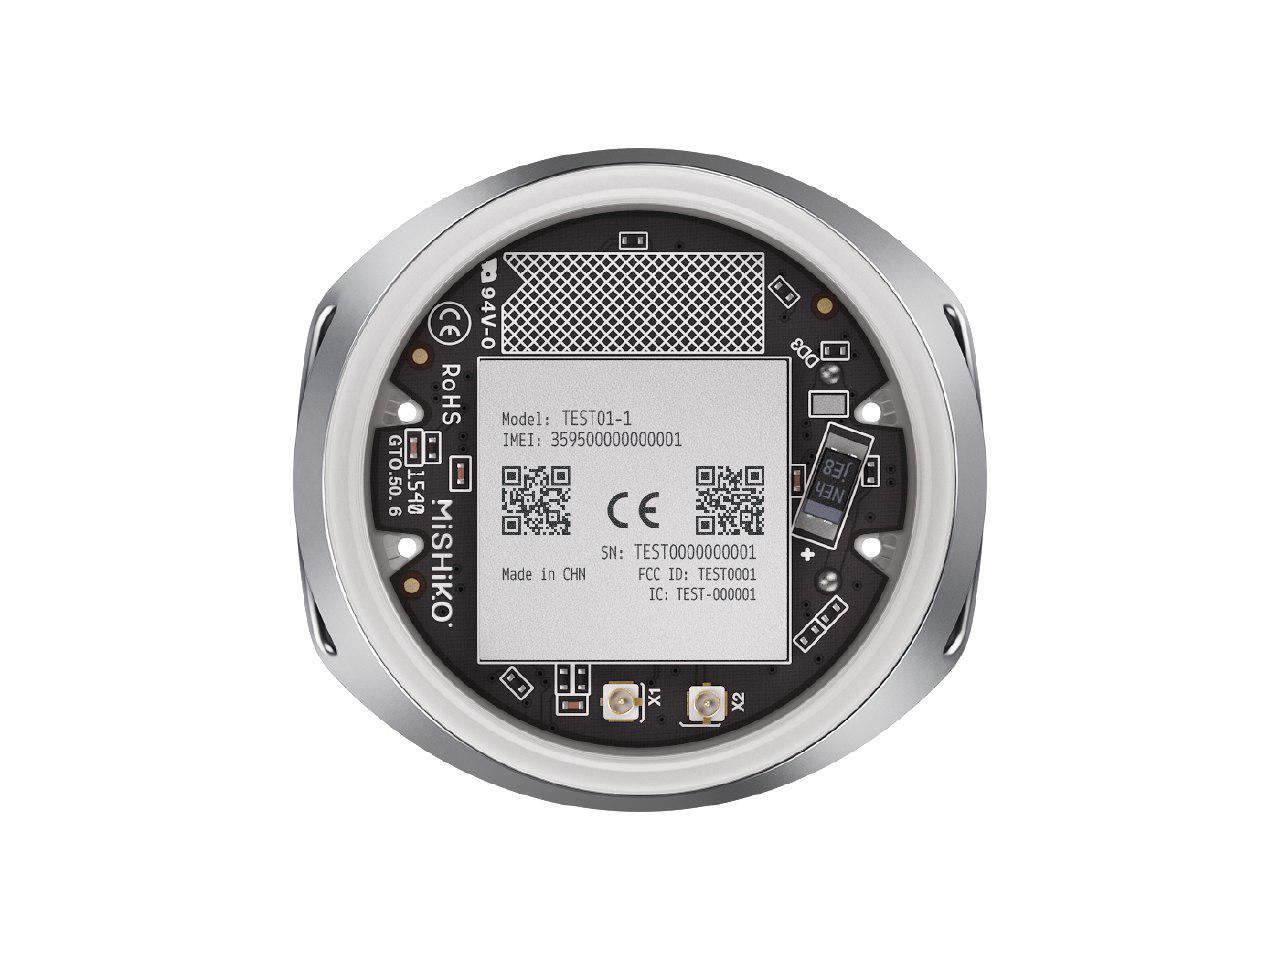 Кастомная GPS антенна, SIM чип, процессор и 8Мб памяти: из чего сделан умный собачий ошейник Mishiko